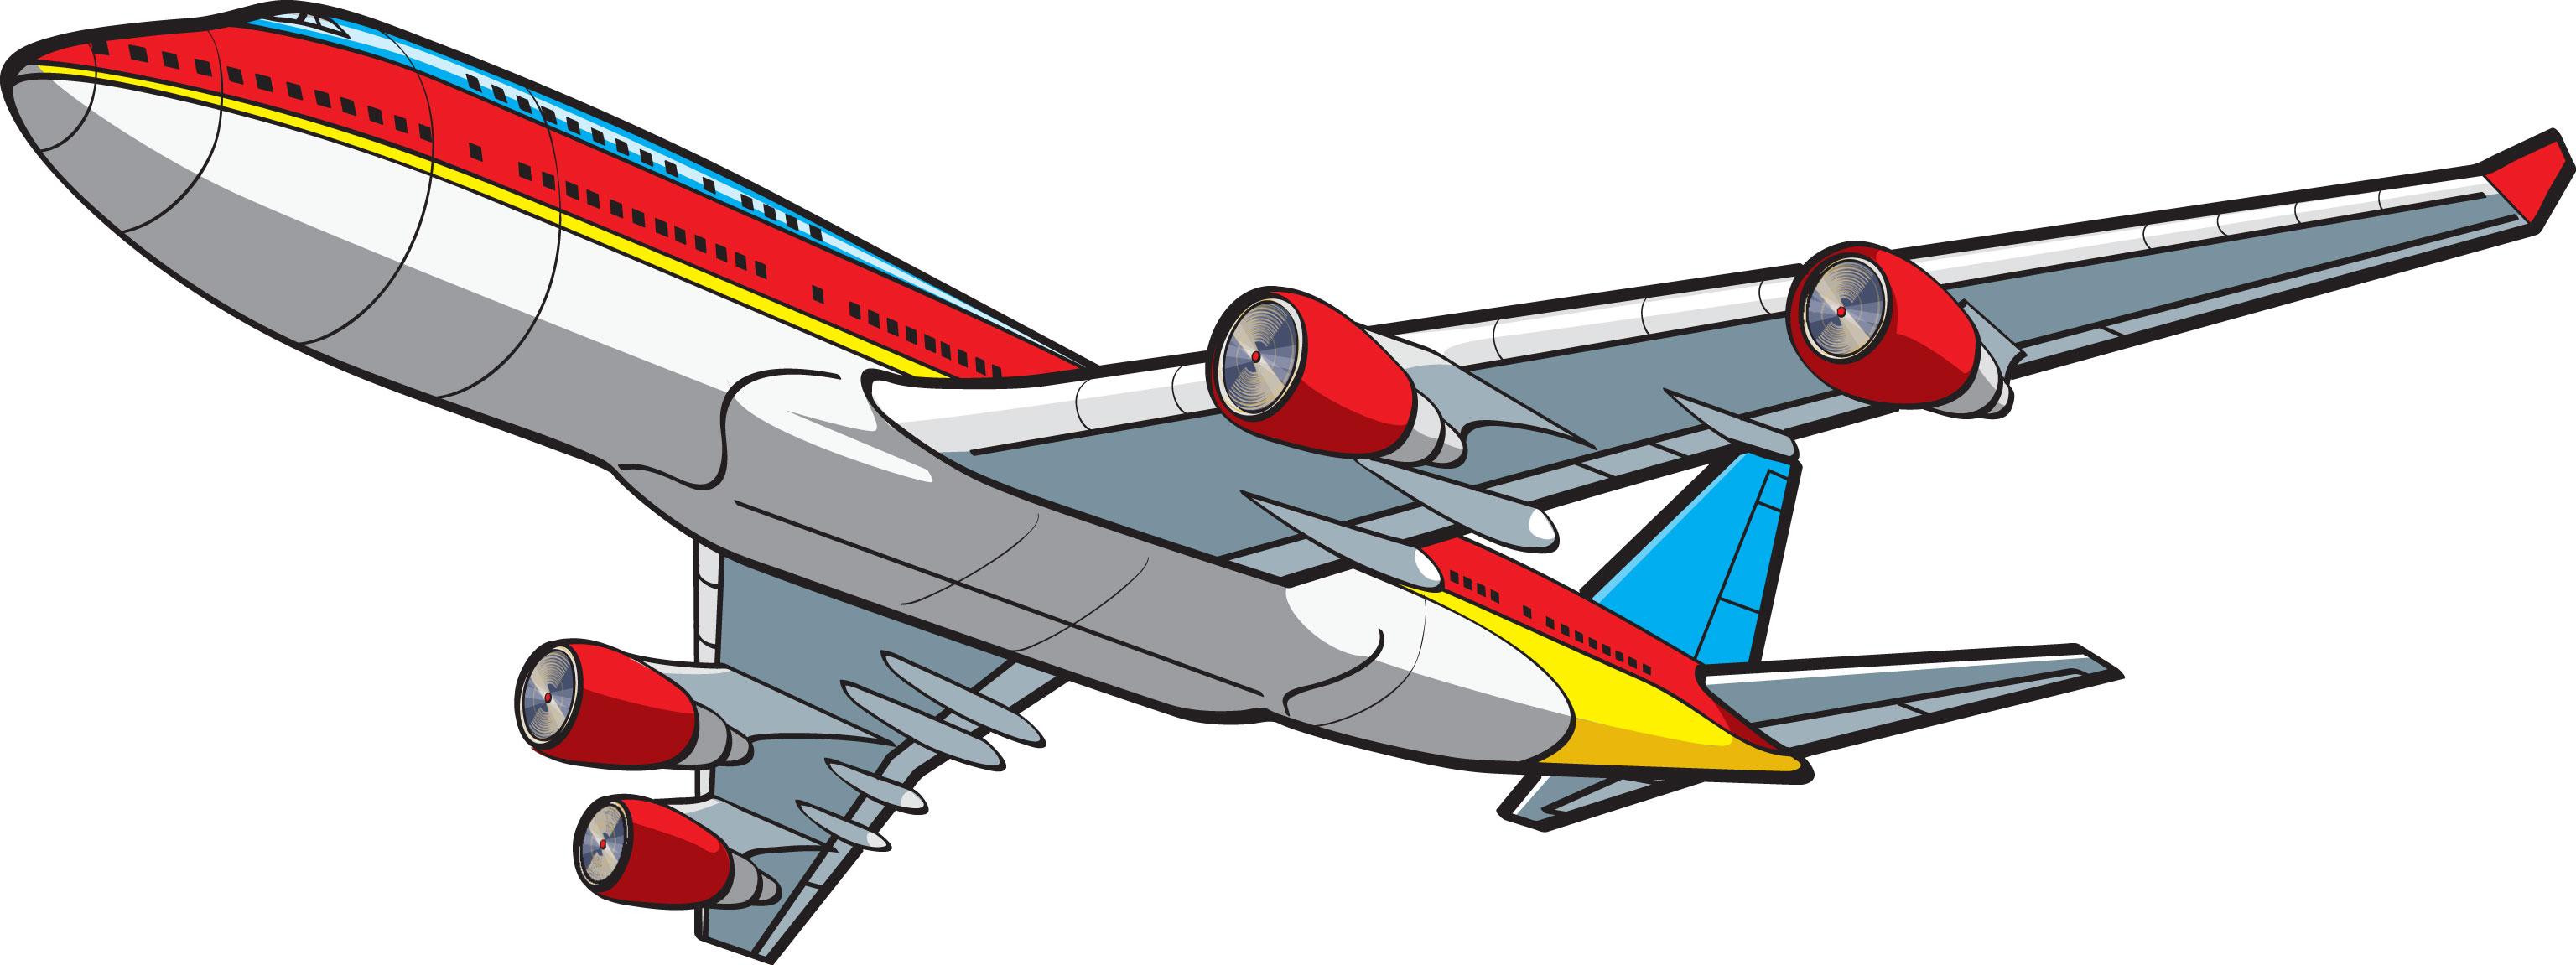 Aircraft Clipart-aircraft clipart-0